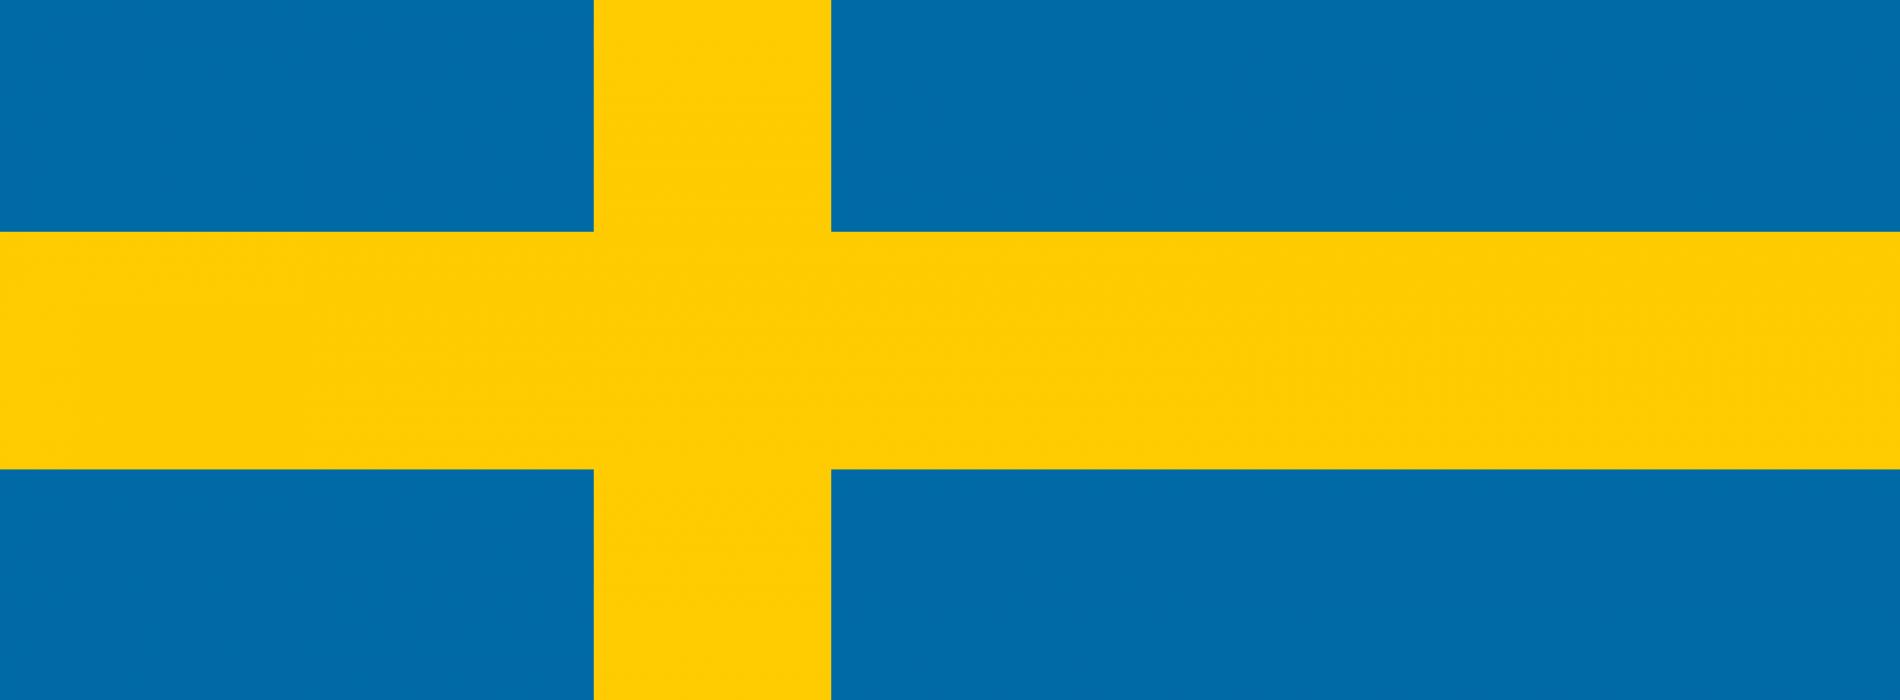 İsveç'te 1 Krona Alıcısı Olmayan Arsalar